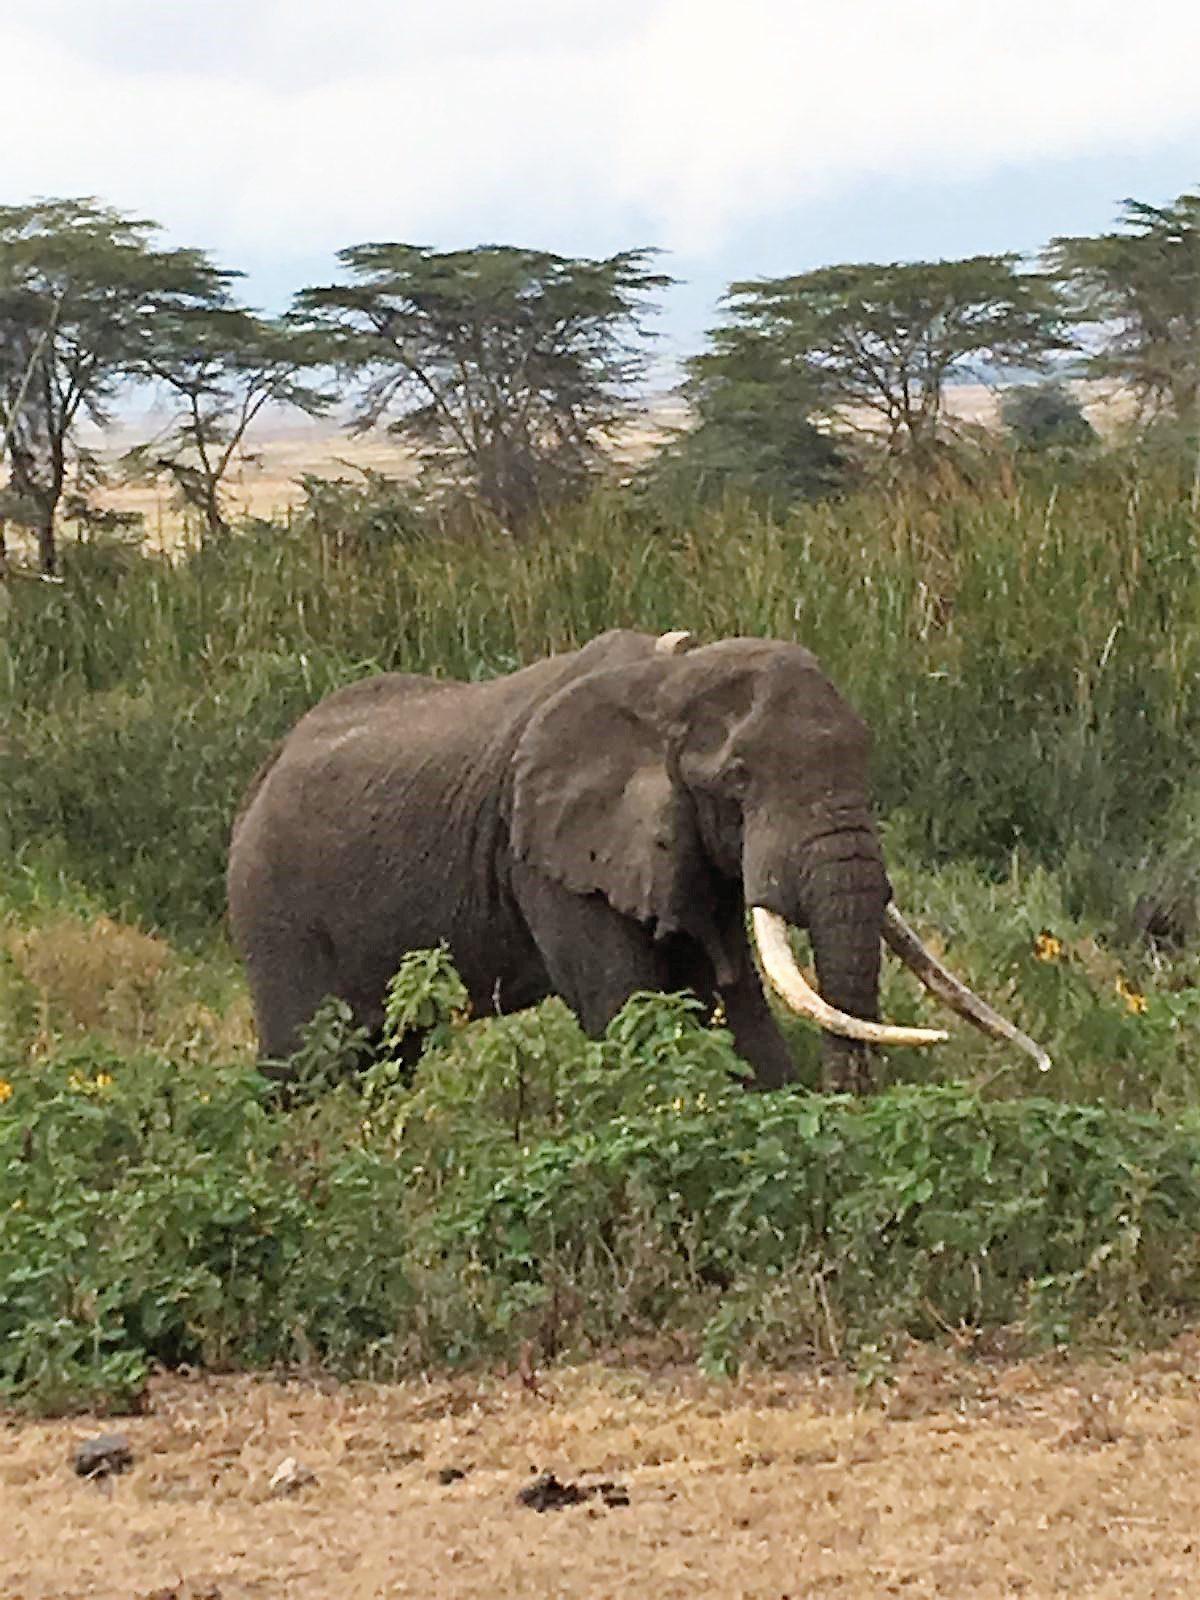 TANZANIE ELEPHANT